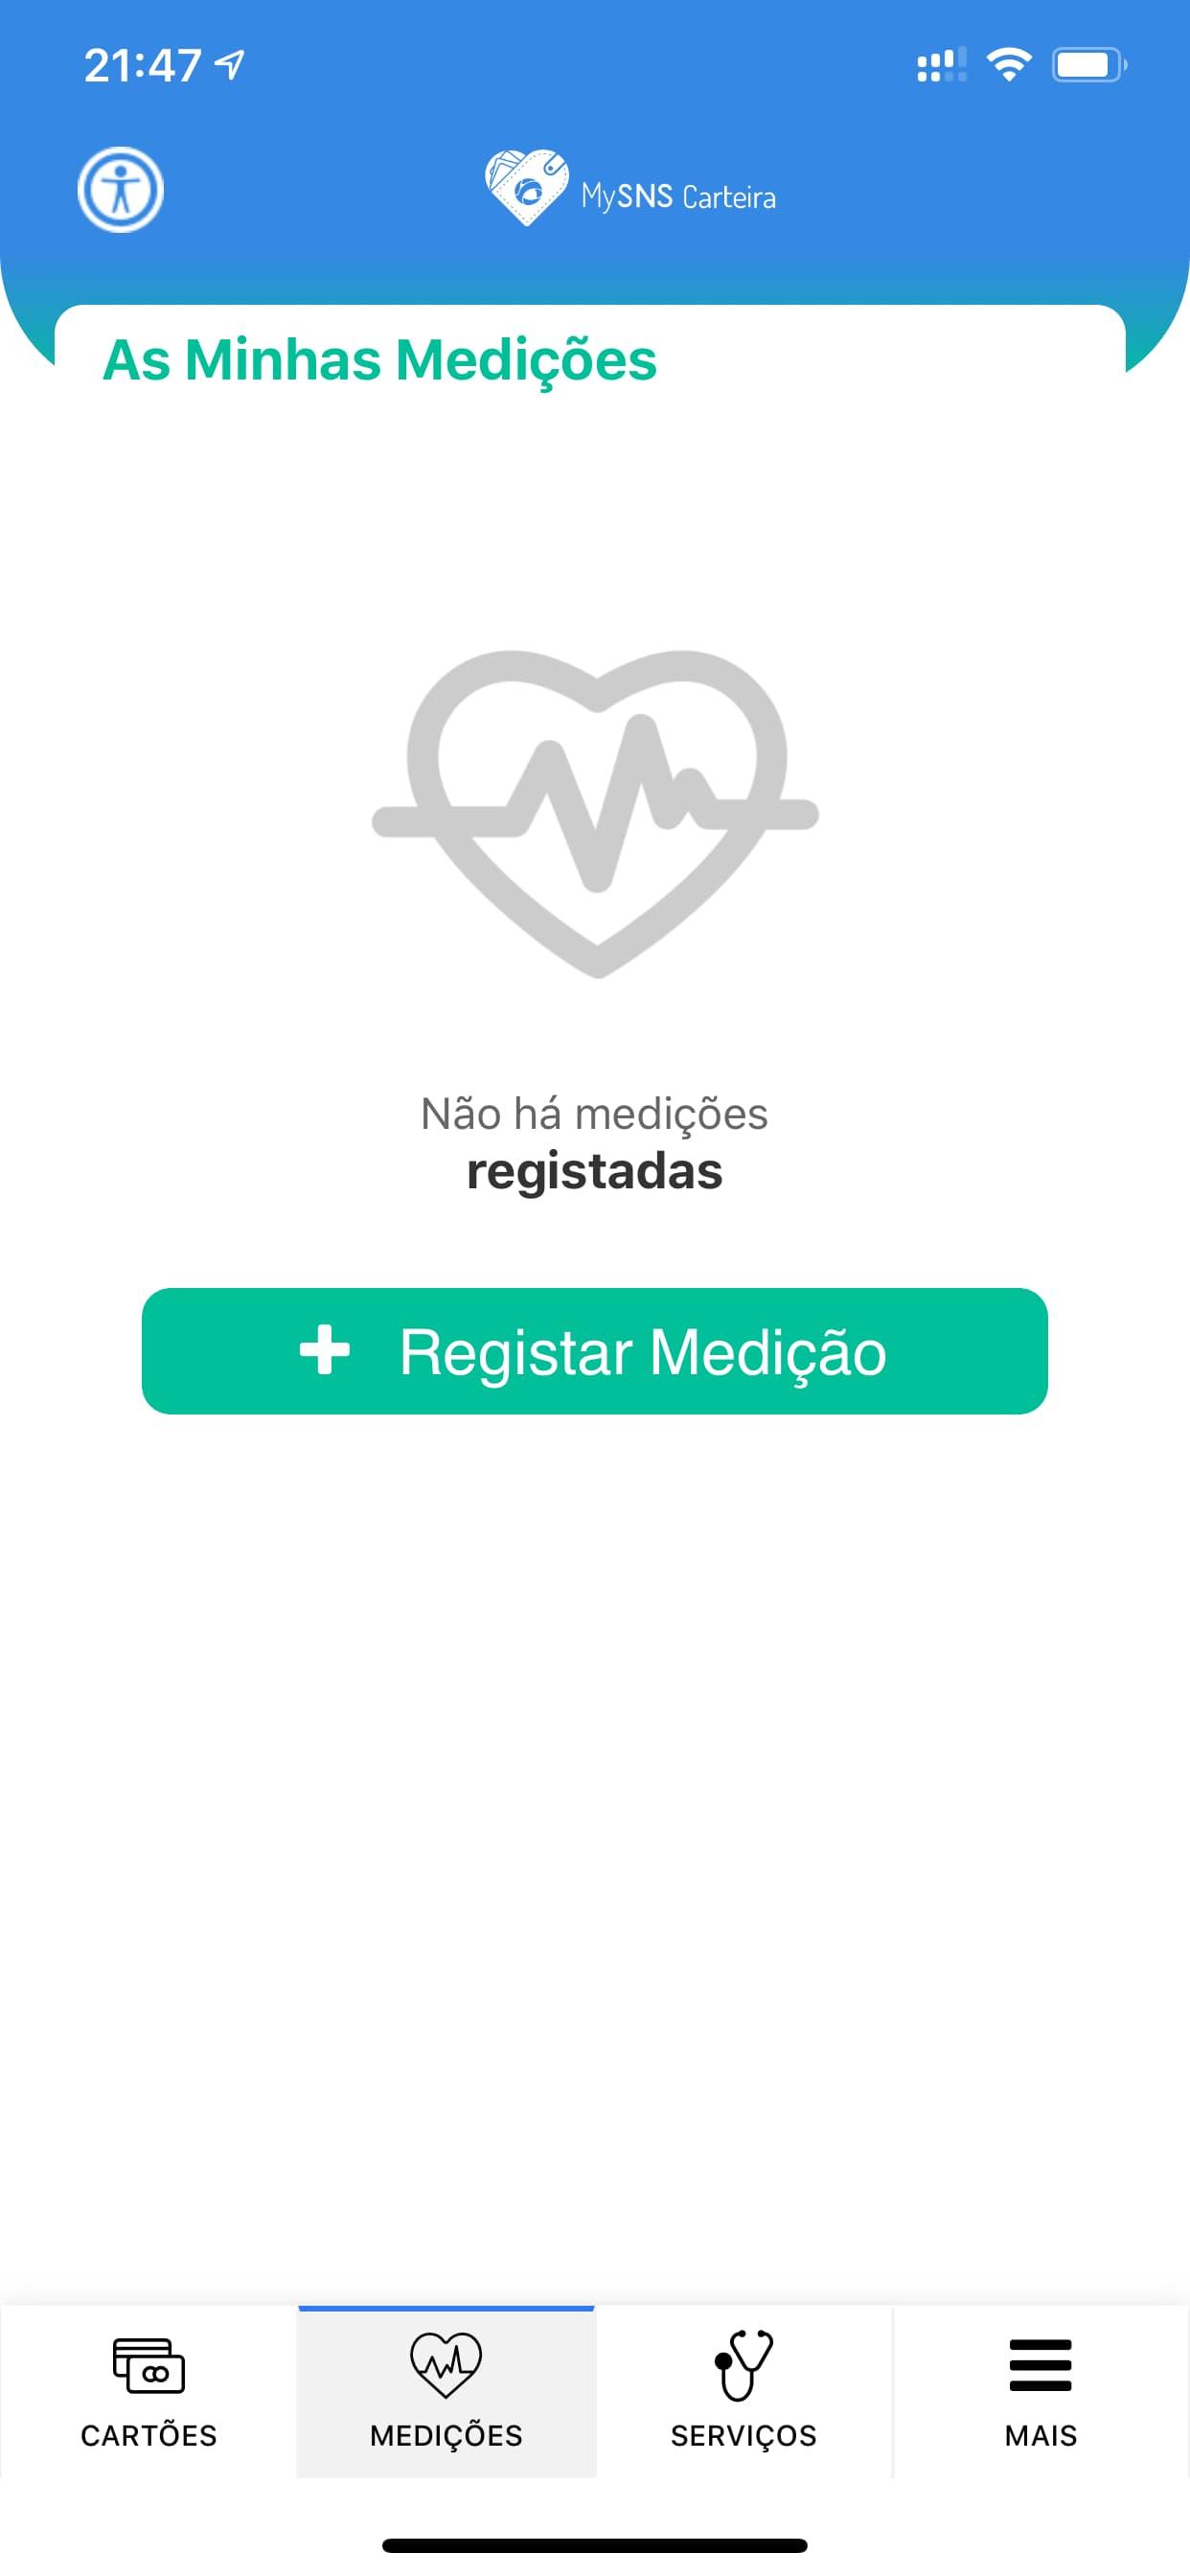 MySNS Carteira: Vacinas, ADSE, glicémia...tudo numa app